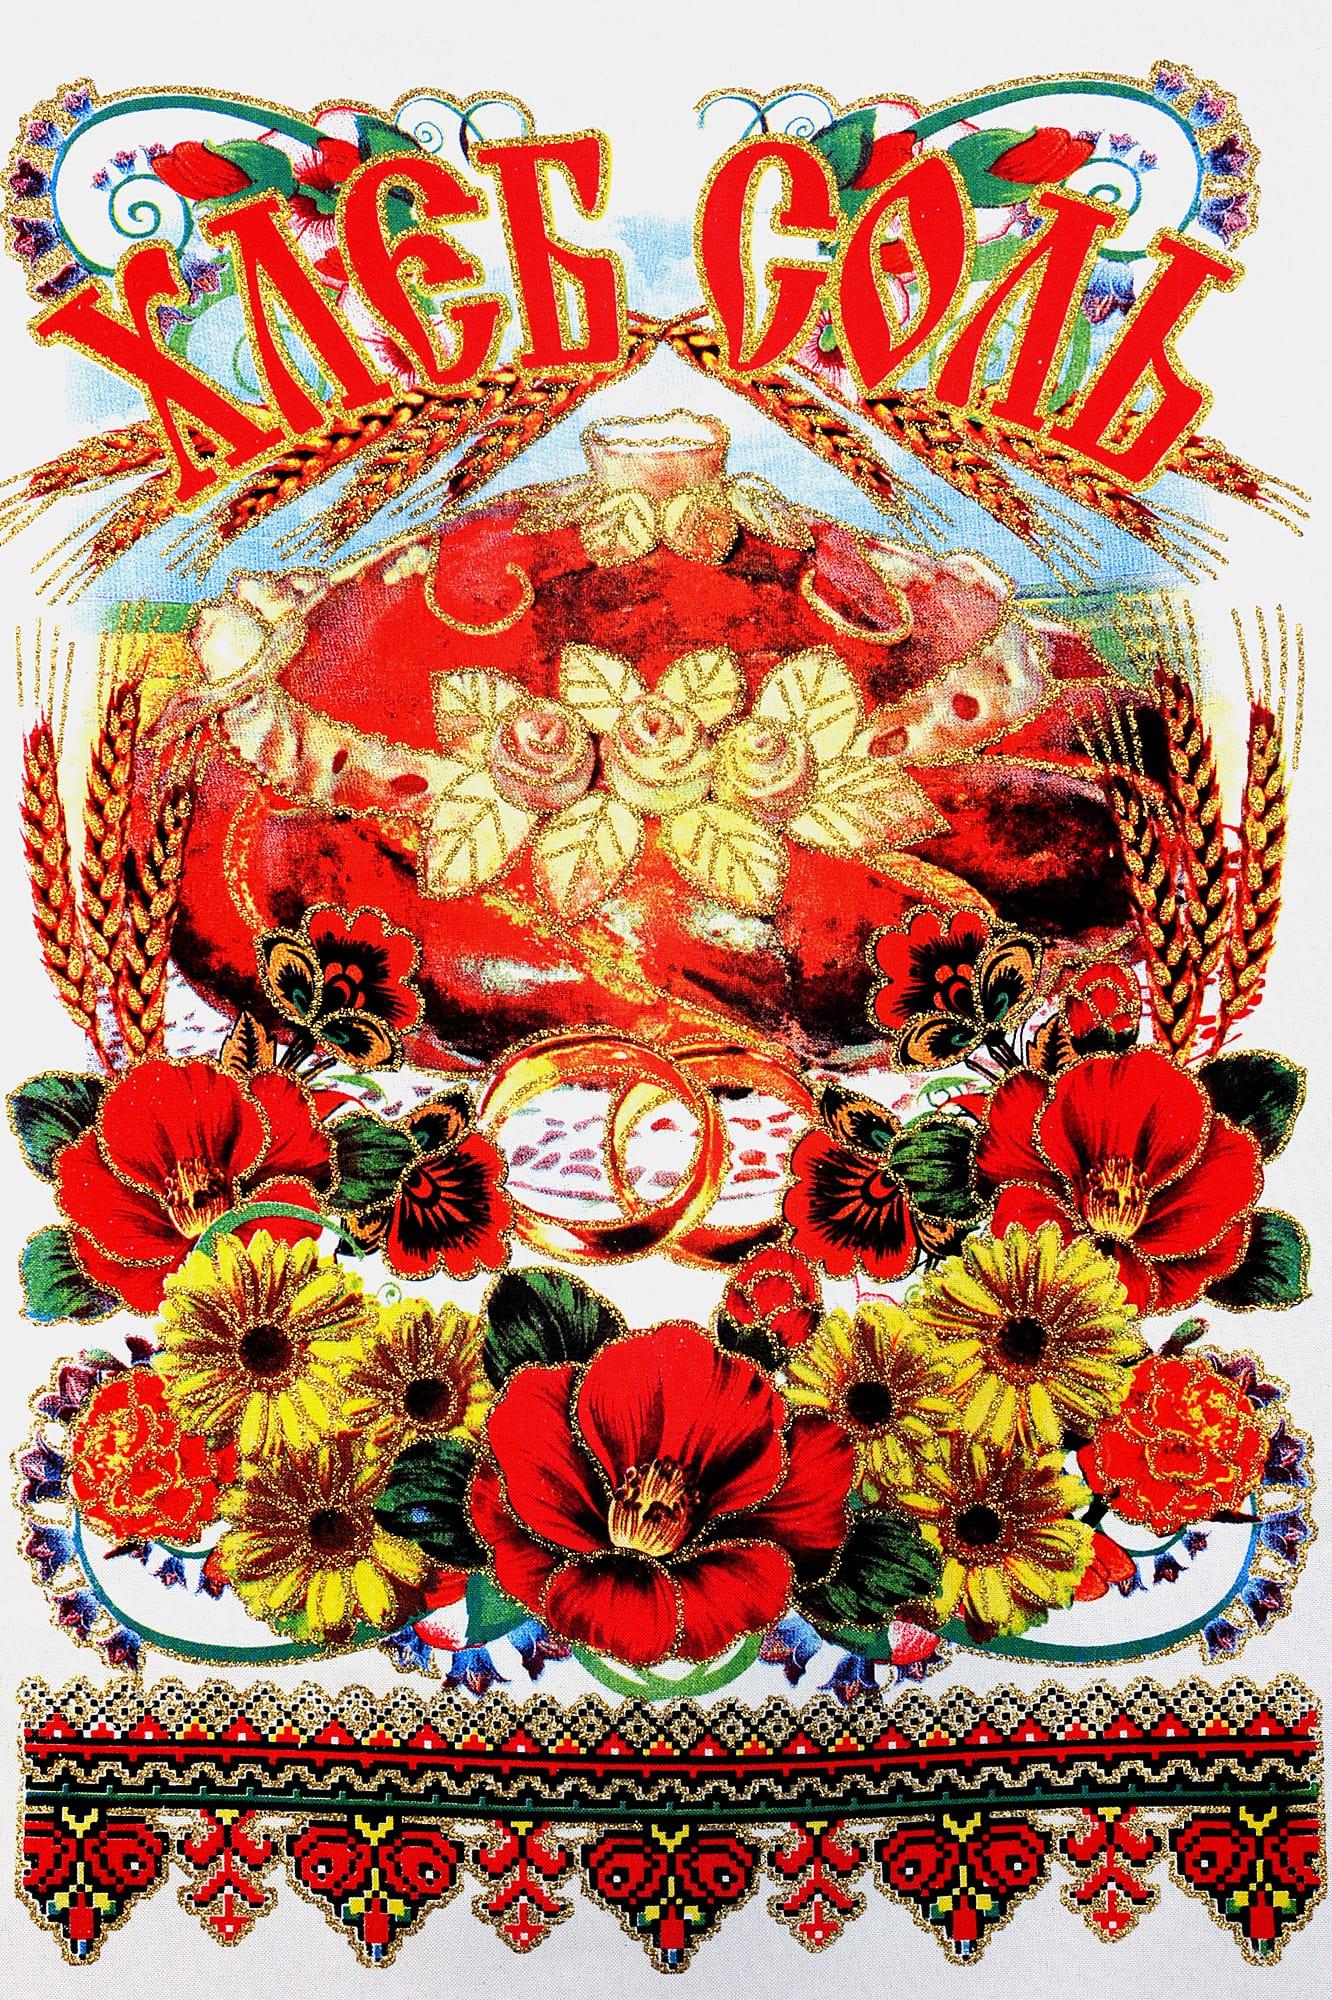 Торжественный свадебный рушник с красочным рисунком цветов и каравая.